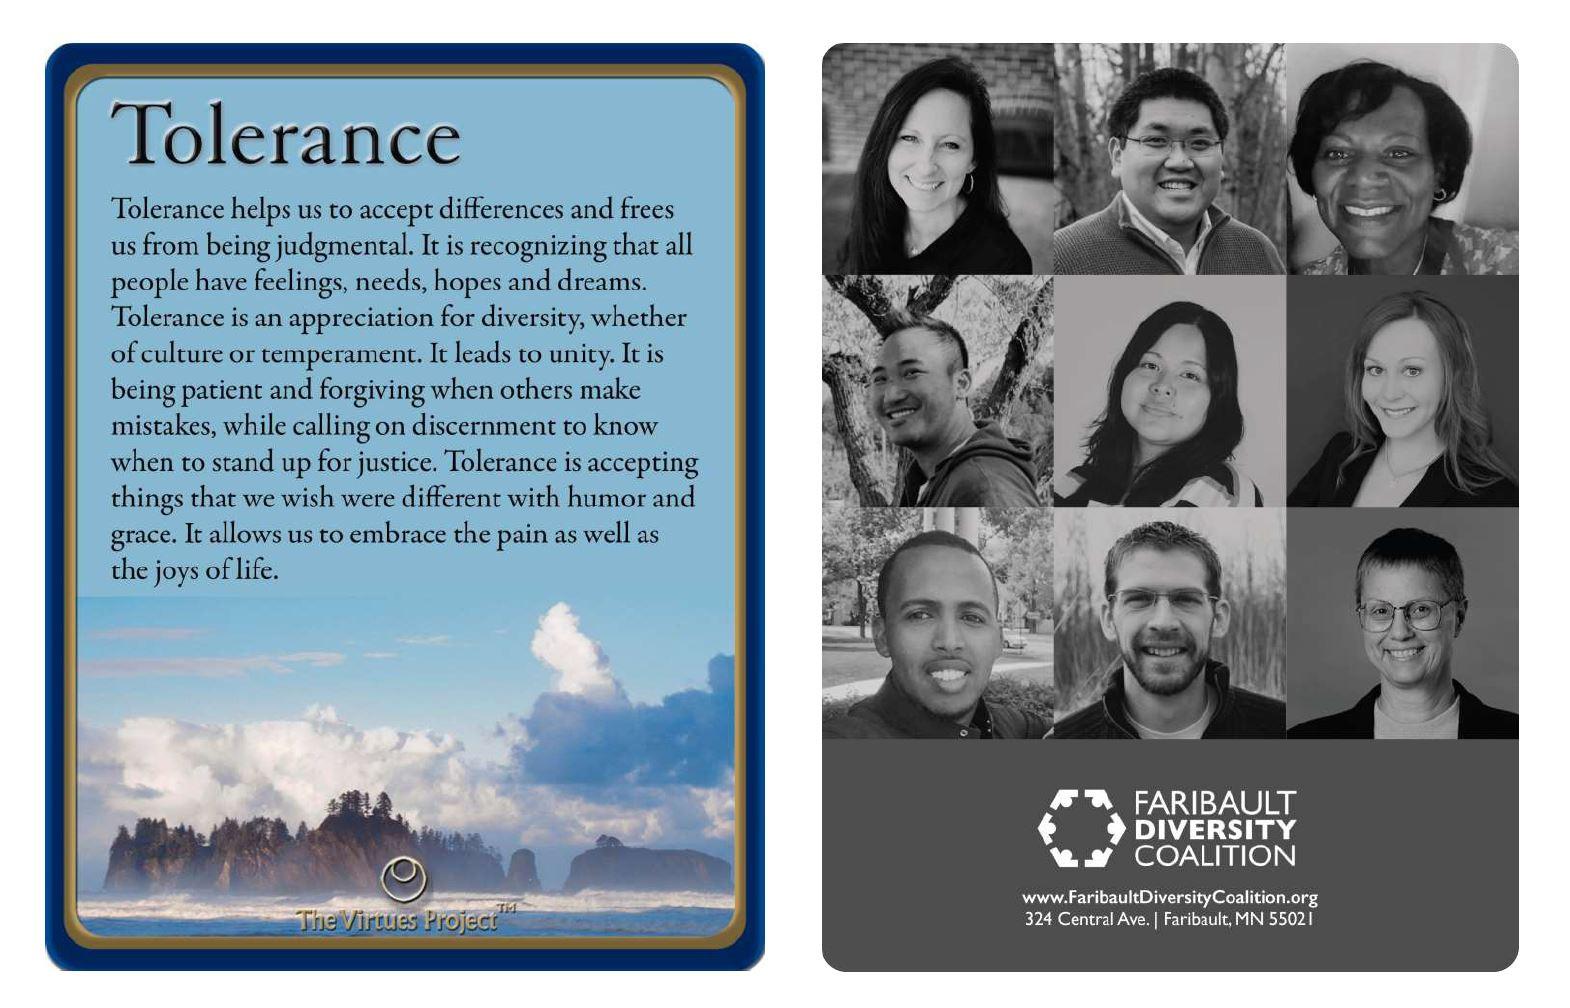 Faribault Diversity Coalition Tolerance.